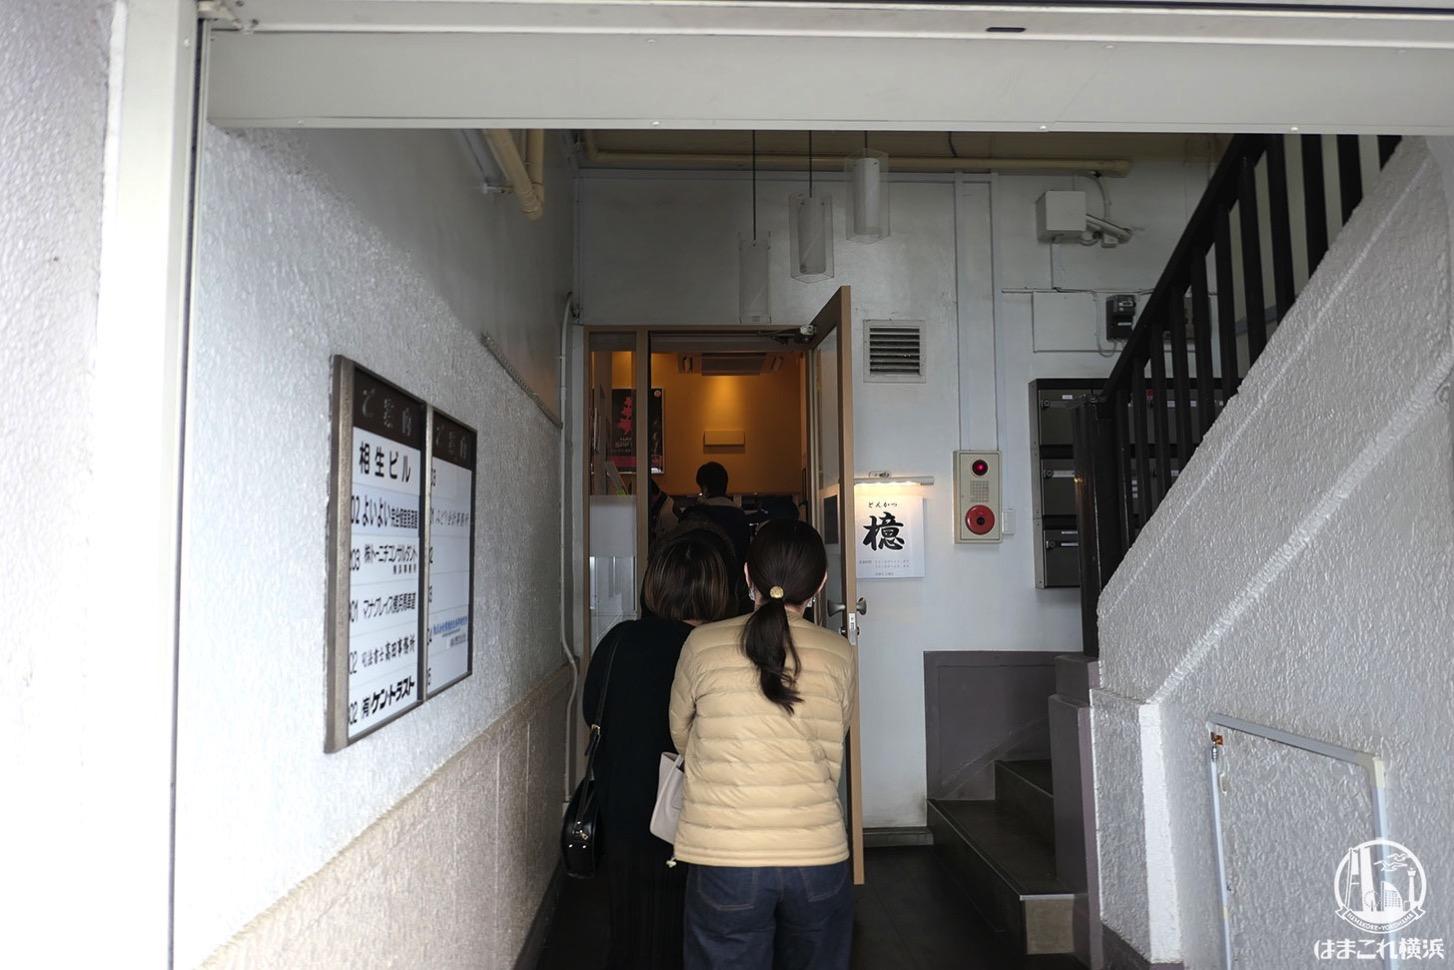 とんかつ檍(あおき)横浜馬車道店 行列